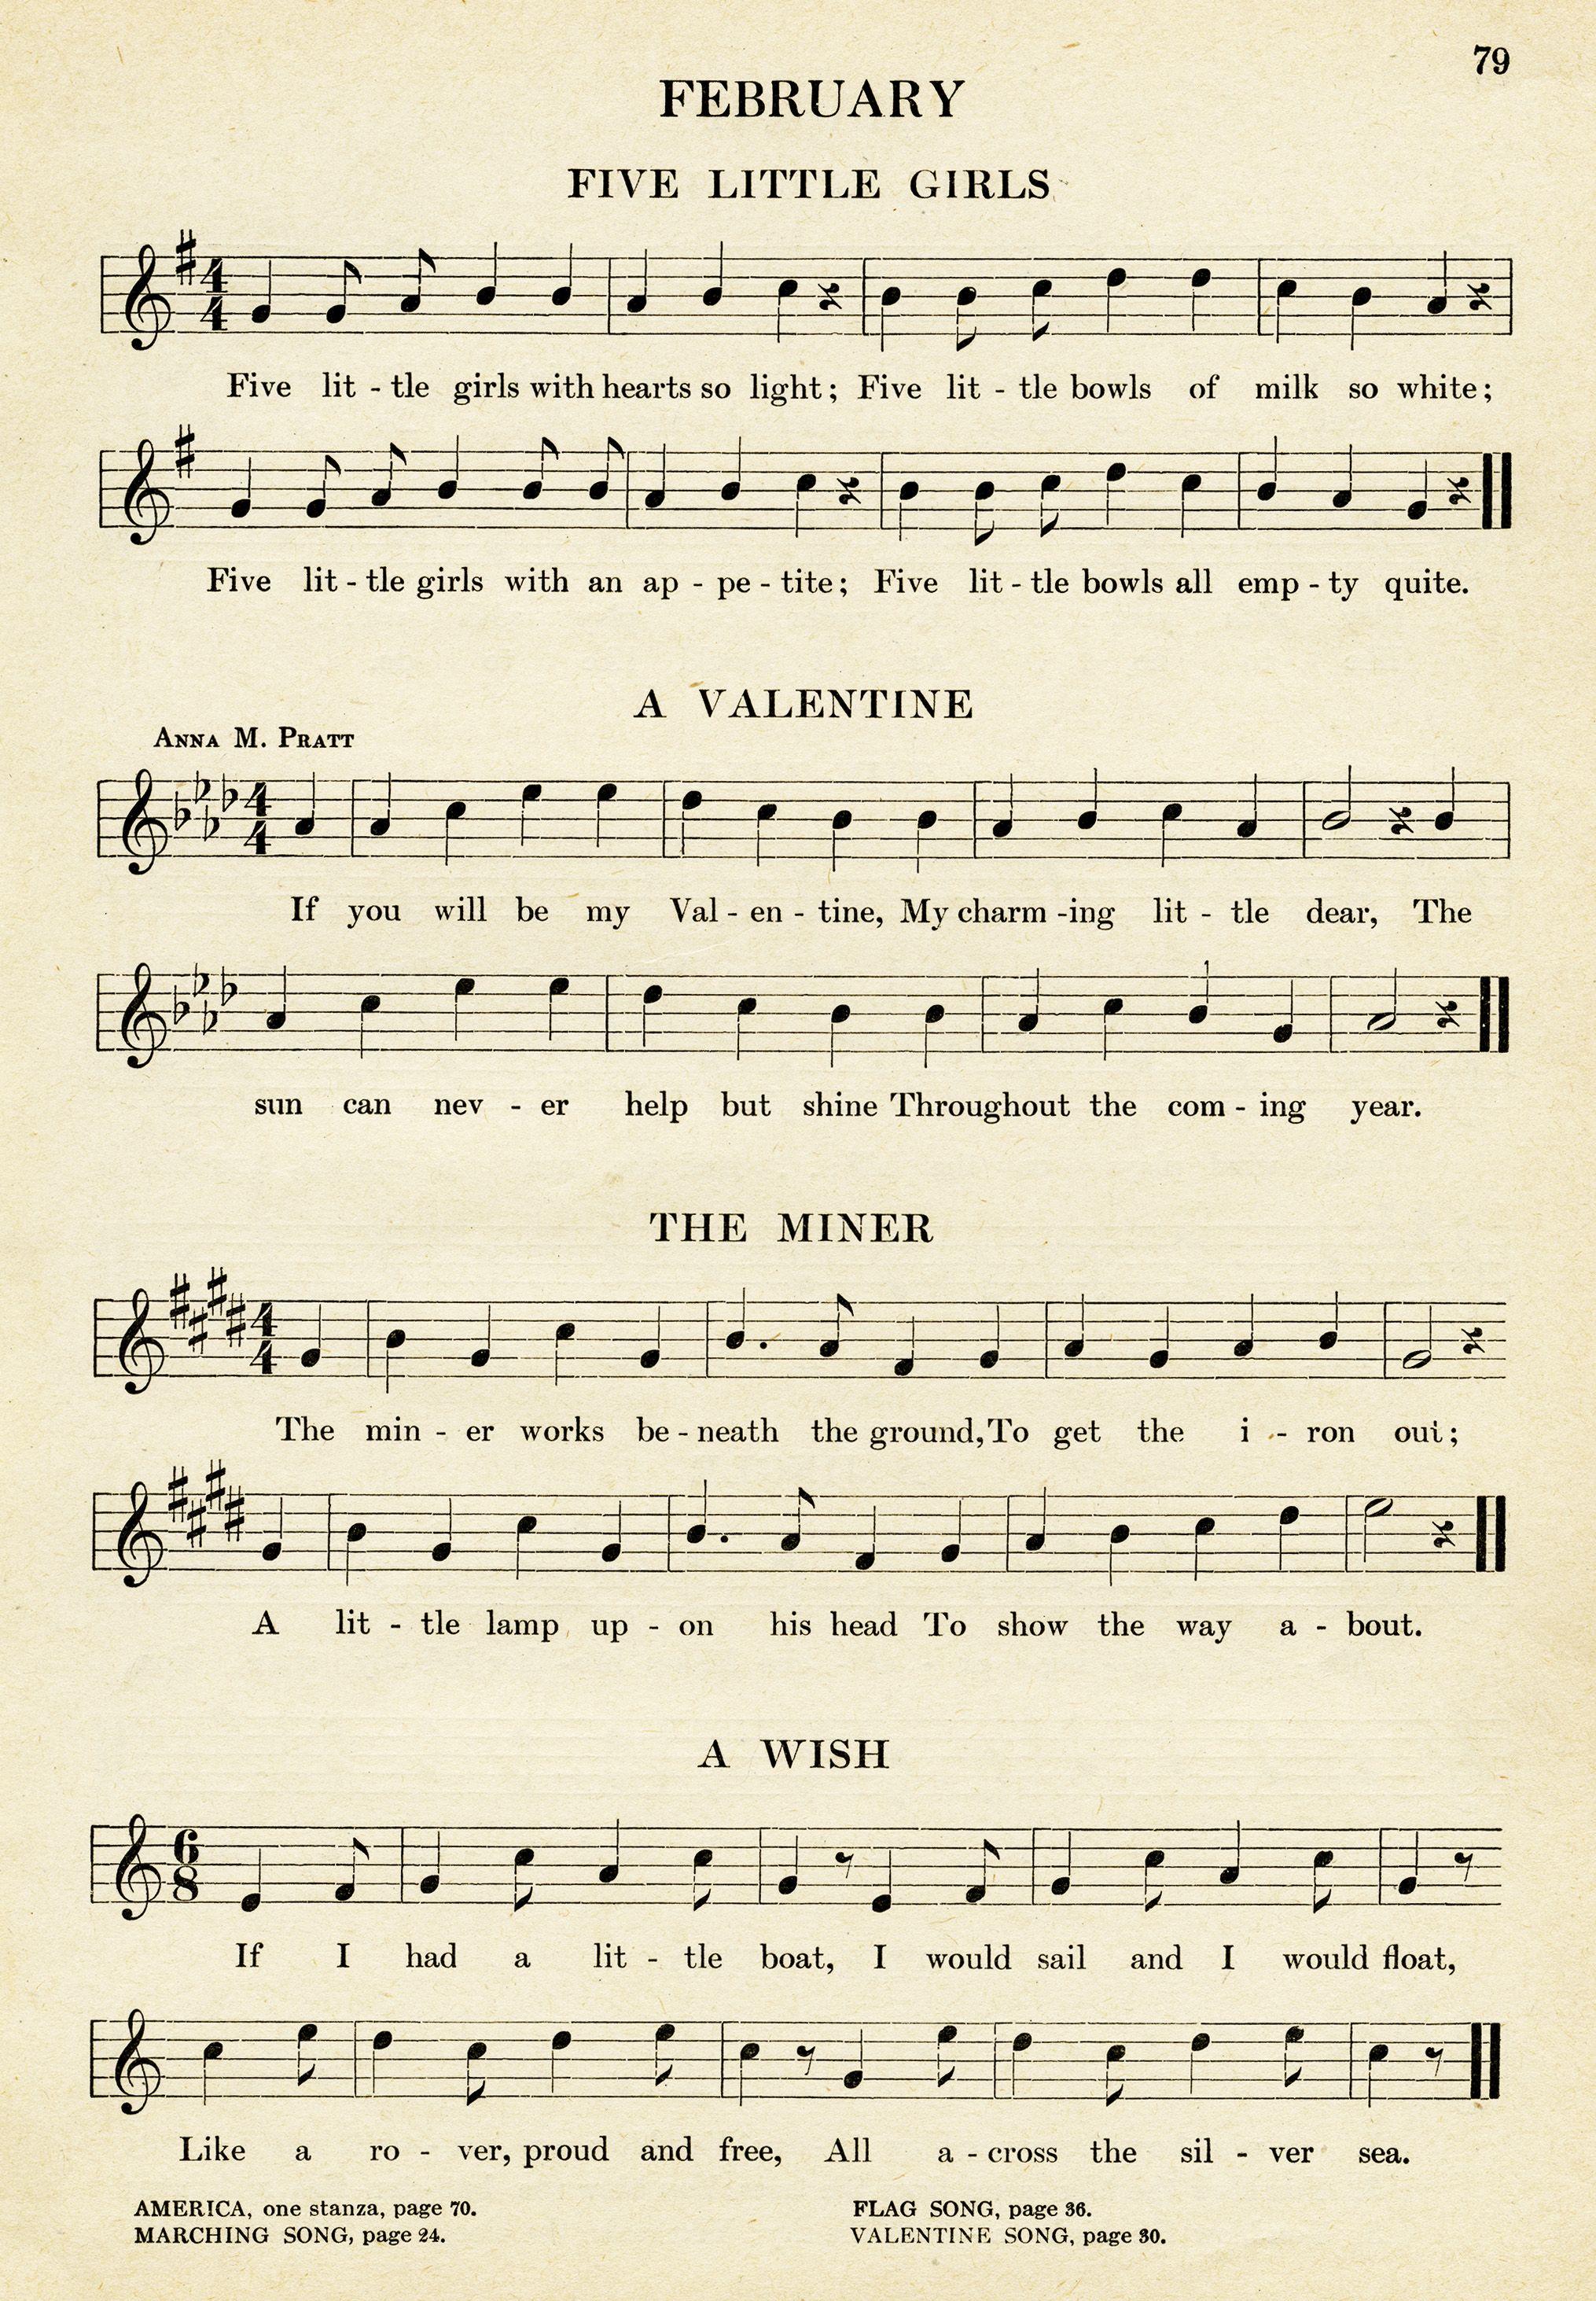 Vintage Sheet Music Songs For February Kindergarten Music Easy Songs For Children Old Book